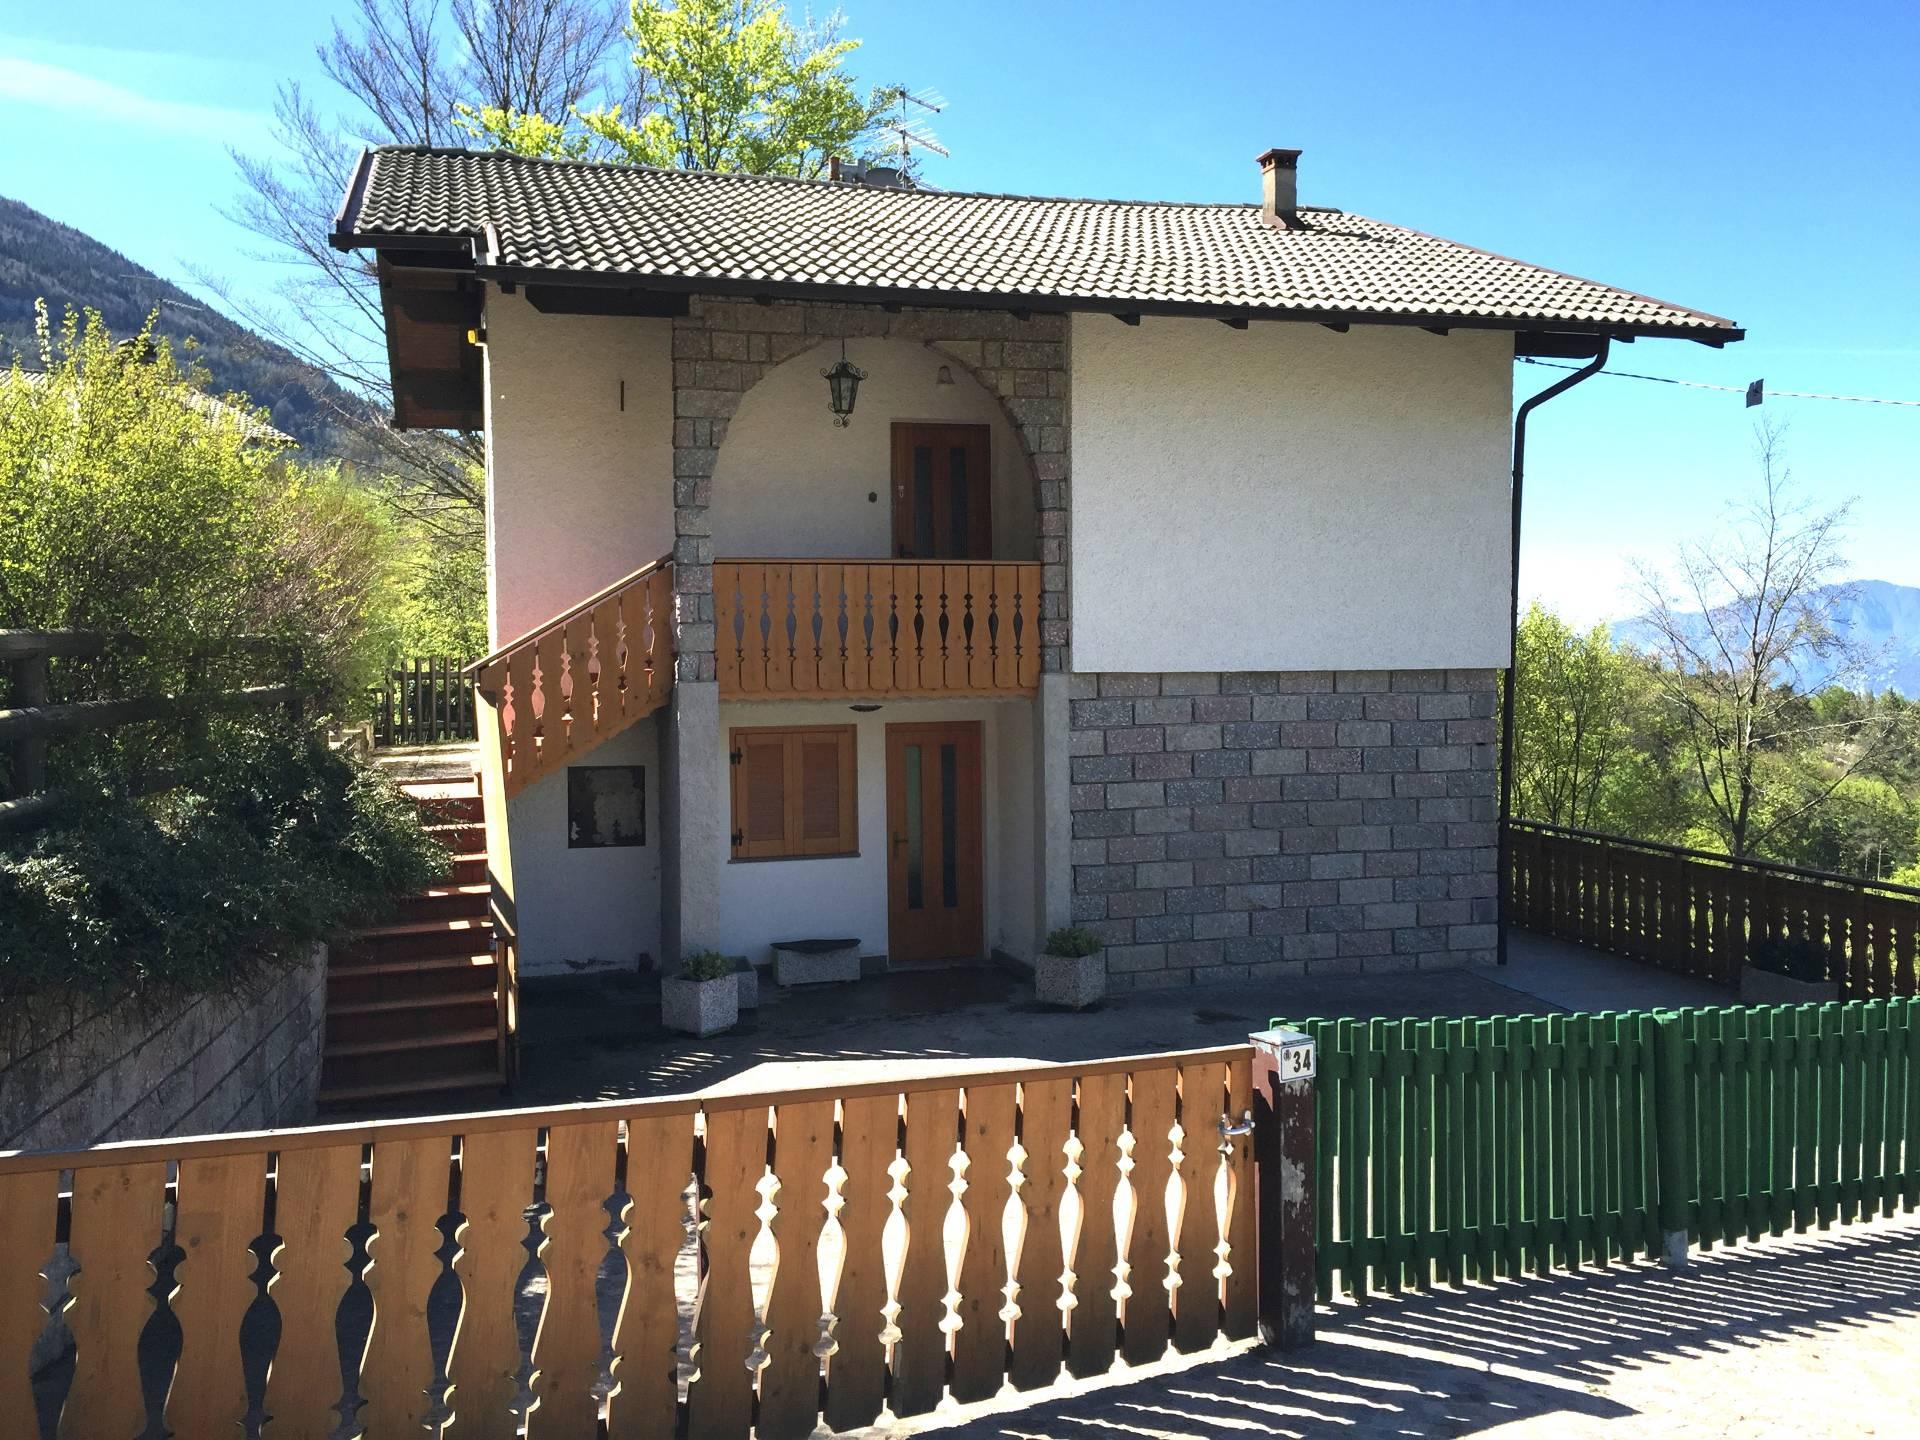 Soluzione Indipendente in vendita a Arco, 6 locali, prezzo € 300.000 | Cambio Casa.it